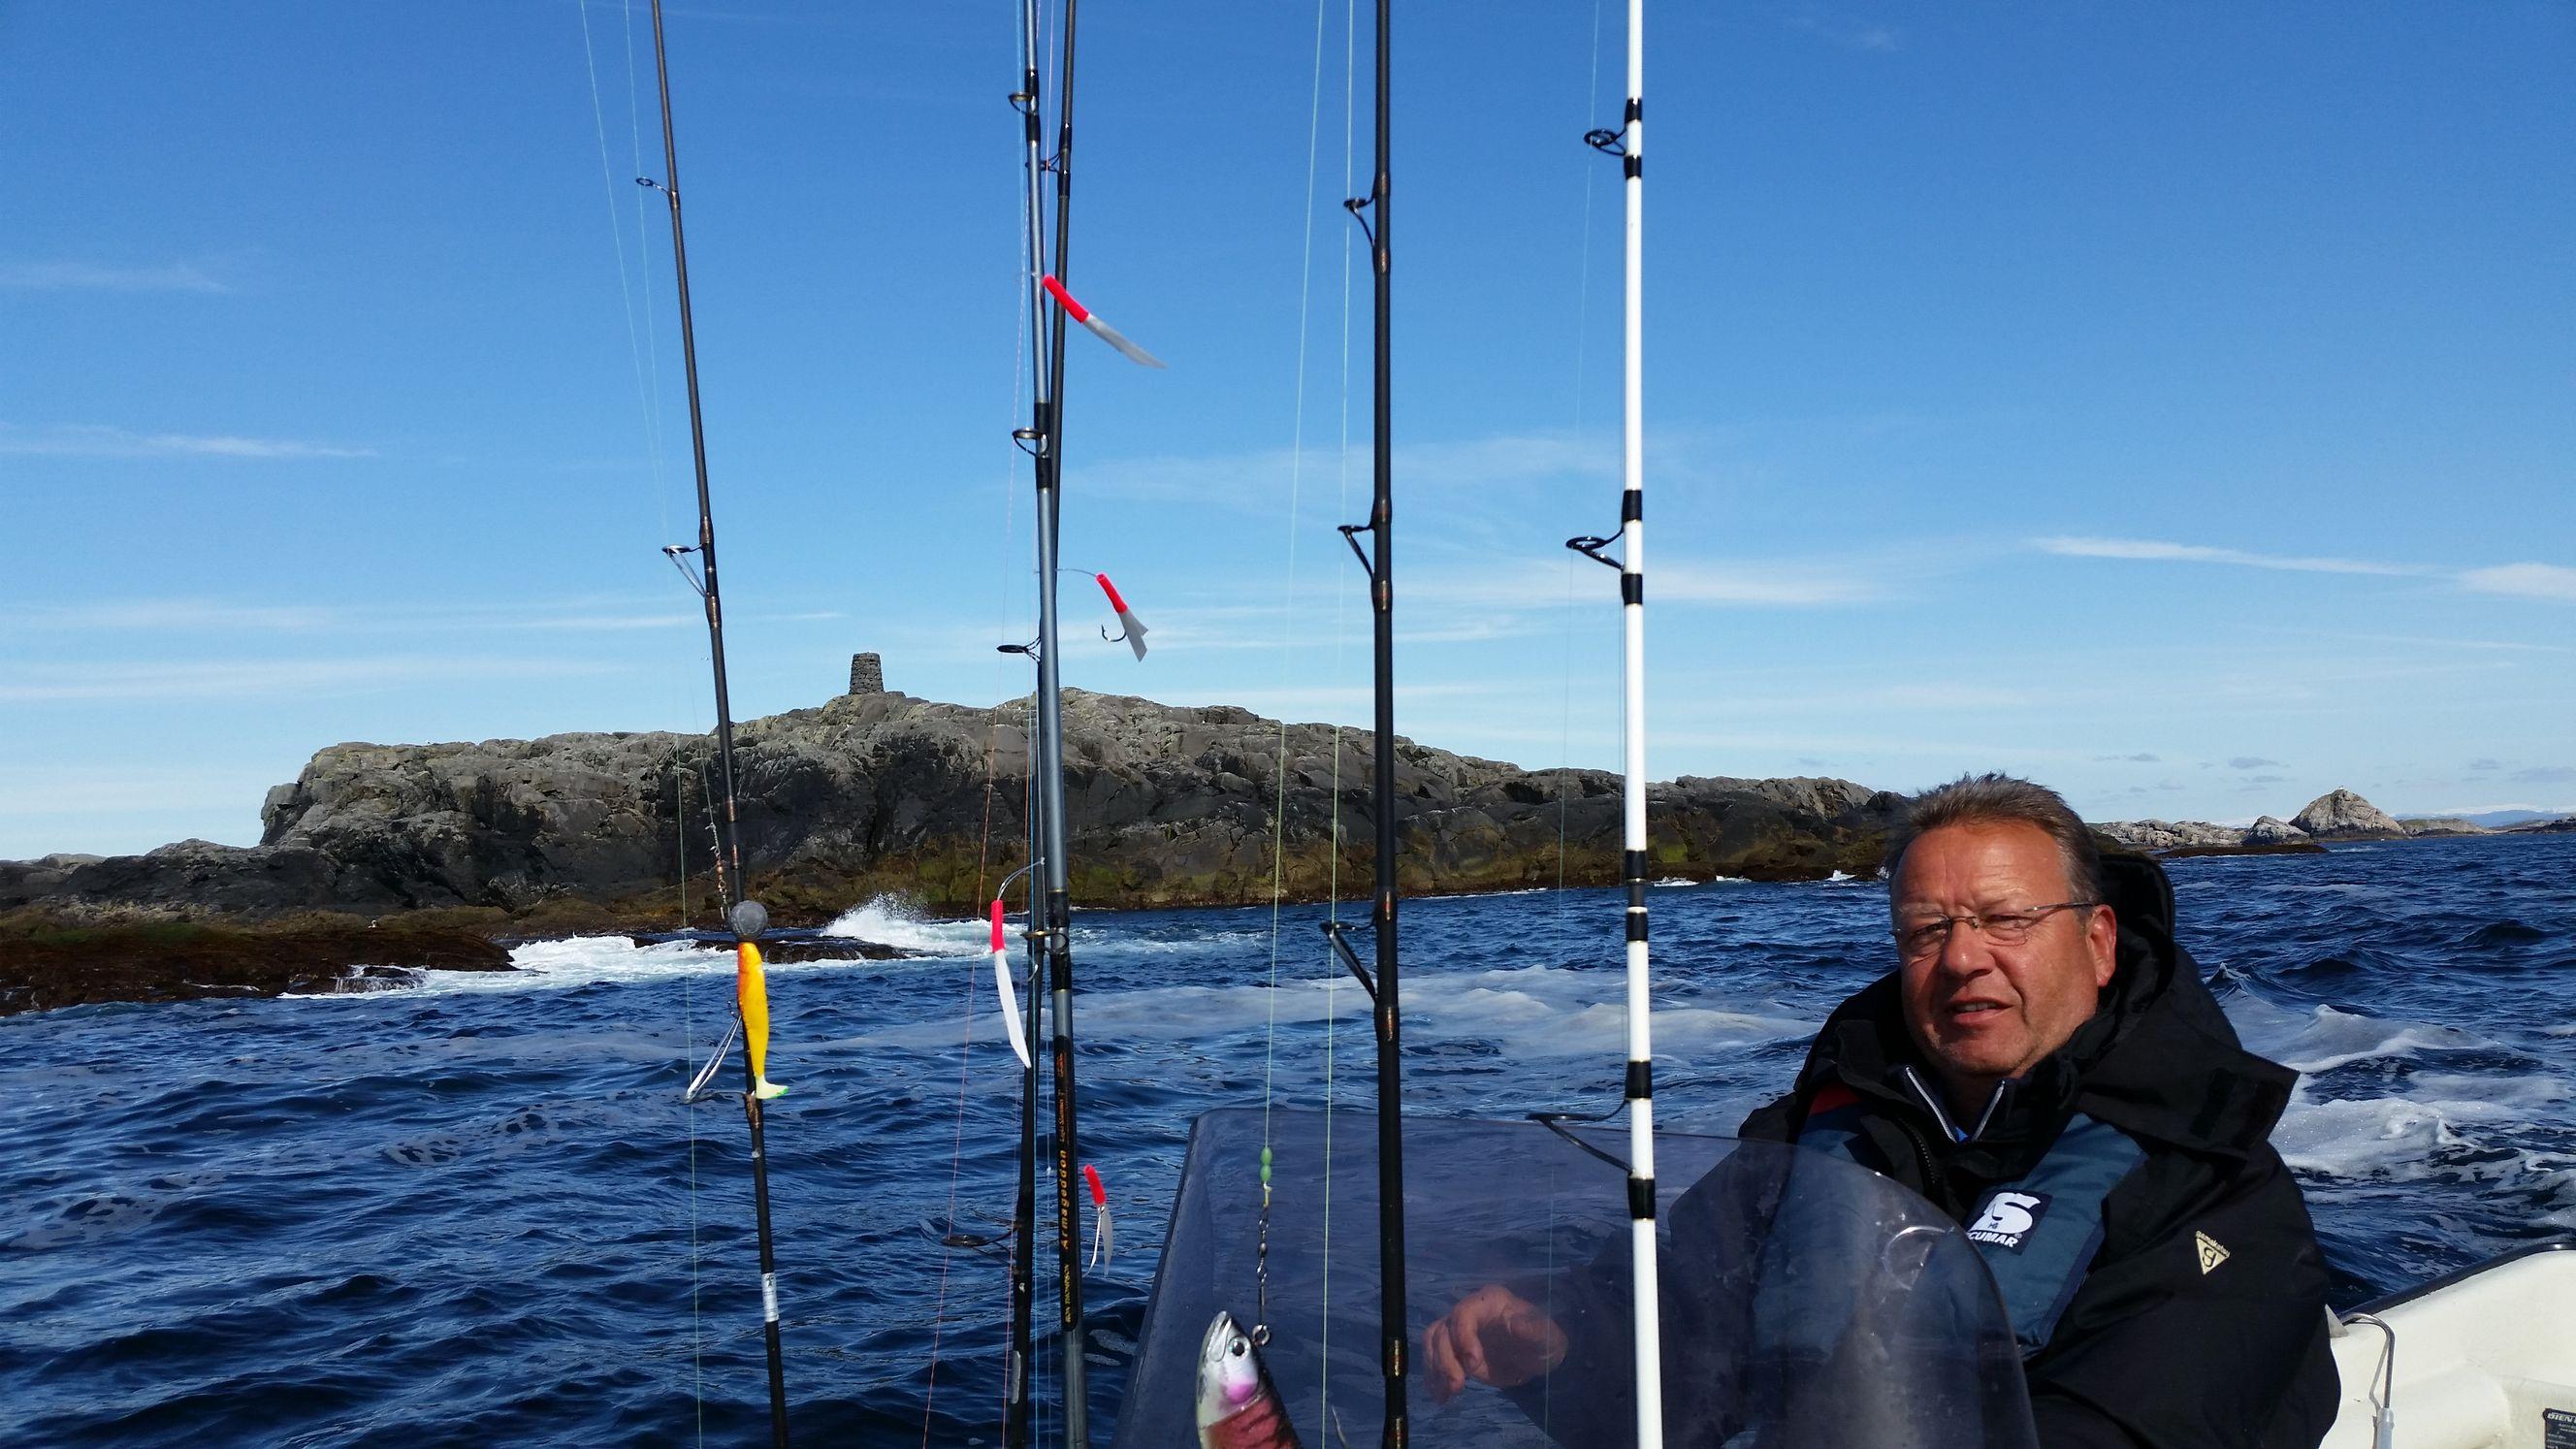 ... und wieder an der Turminsel vorbei, auf's offene Meer